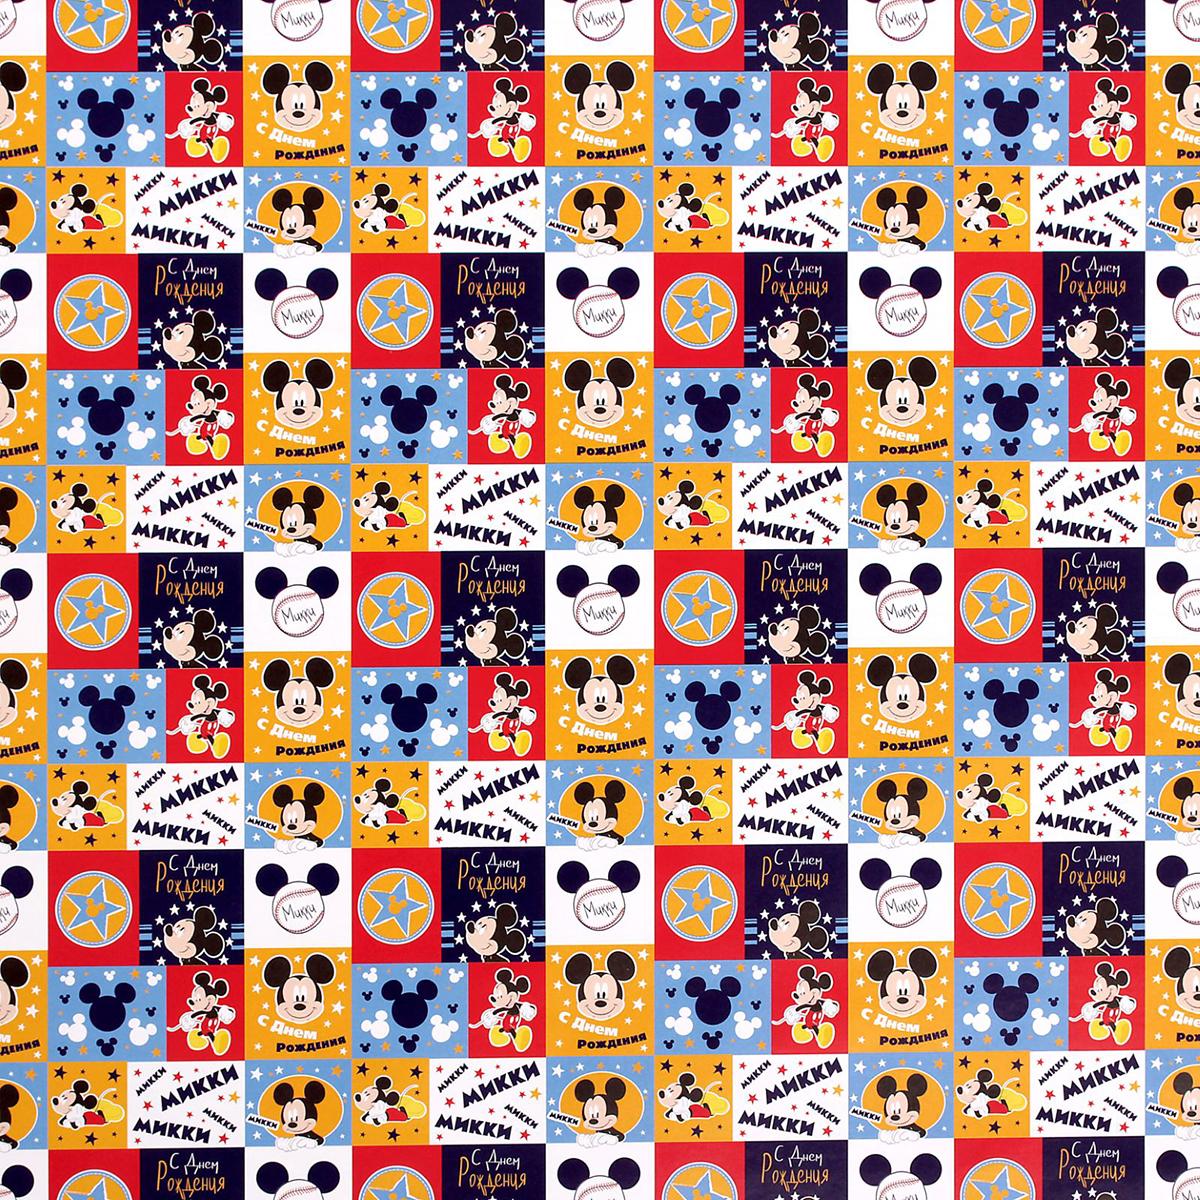 Удивительный мир Disney теперь совсем близко! Любимые герои и сюжеты в эксклюзивном дизайне нашей собственной разработки превращают любое изделие в современное произведение искусства с голливудским характером. Подарочная глянцевая бумага отличается высоким качеством печати и плотностью материала, что делает её удобной в вопросе оформления подарков. Такая упаковка всегда будет актуальна, ведь мультфильмы Disney, как вино, с годами становятся только лучше.